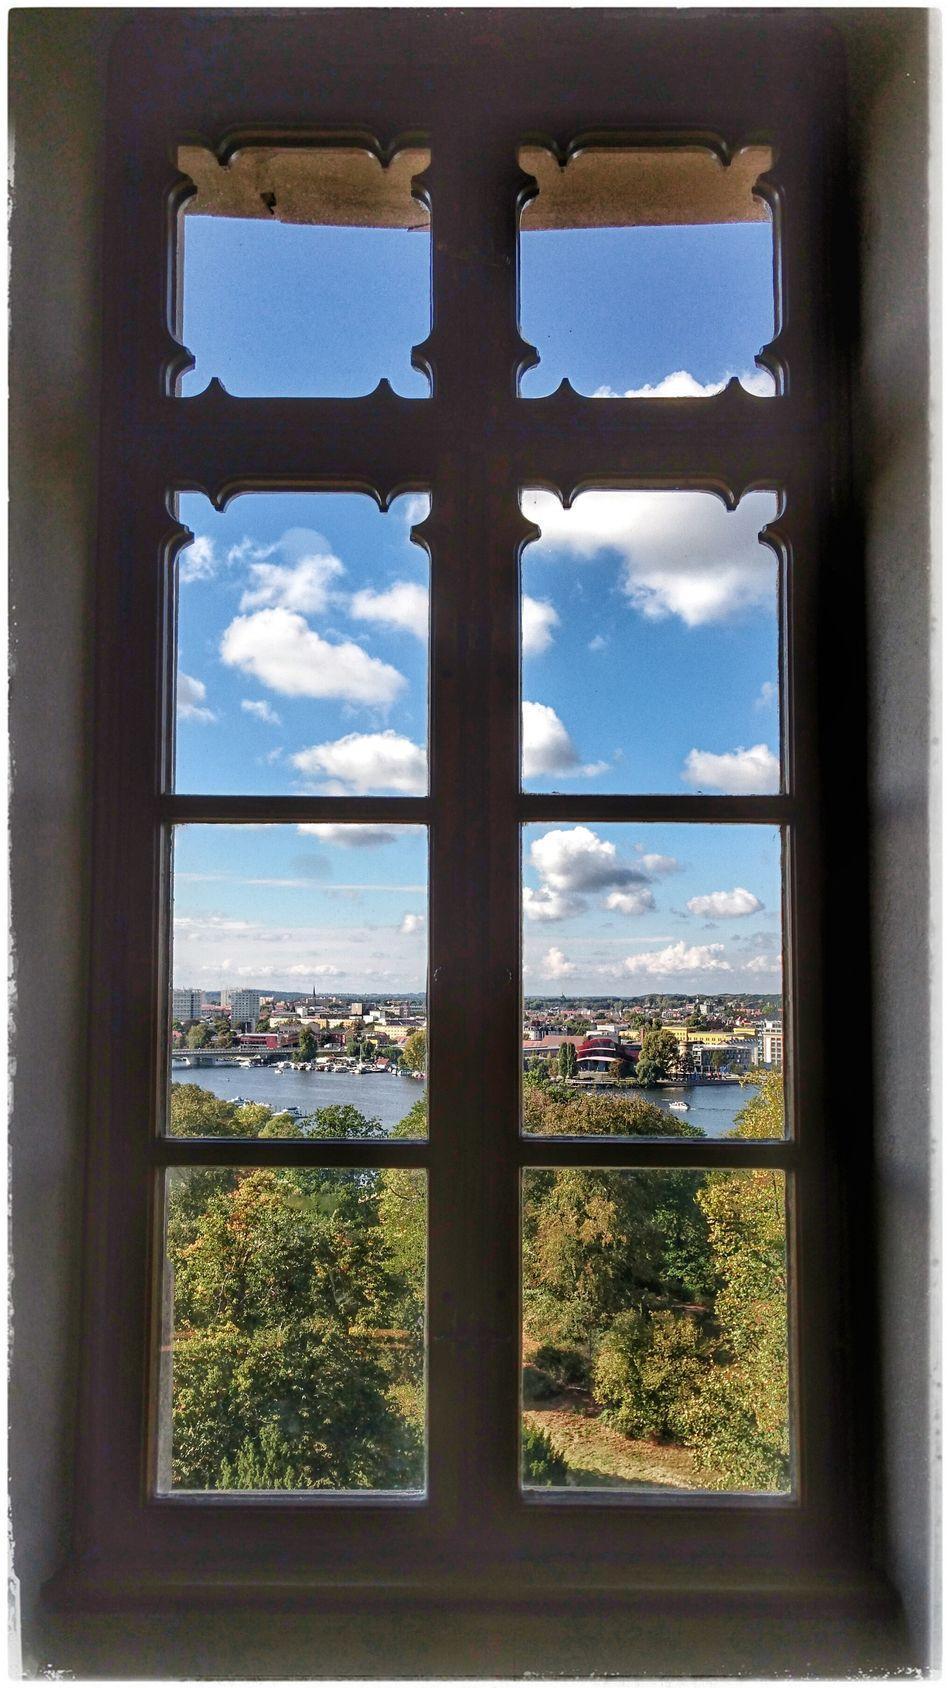 Ausblick mit Aussicht Flatowturm Flatow Tower Potsdam Babelsberger Park Potsdam Sightseeing Babelsberg Window Fensterzurwelt